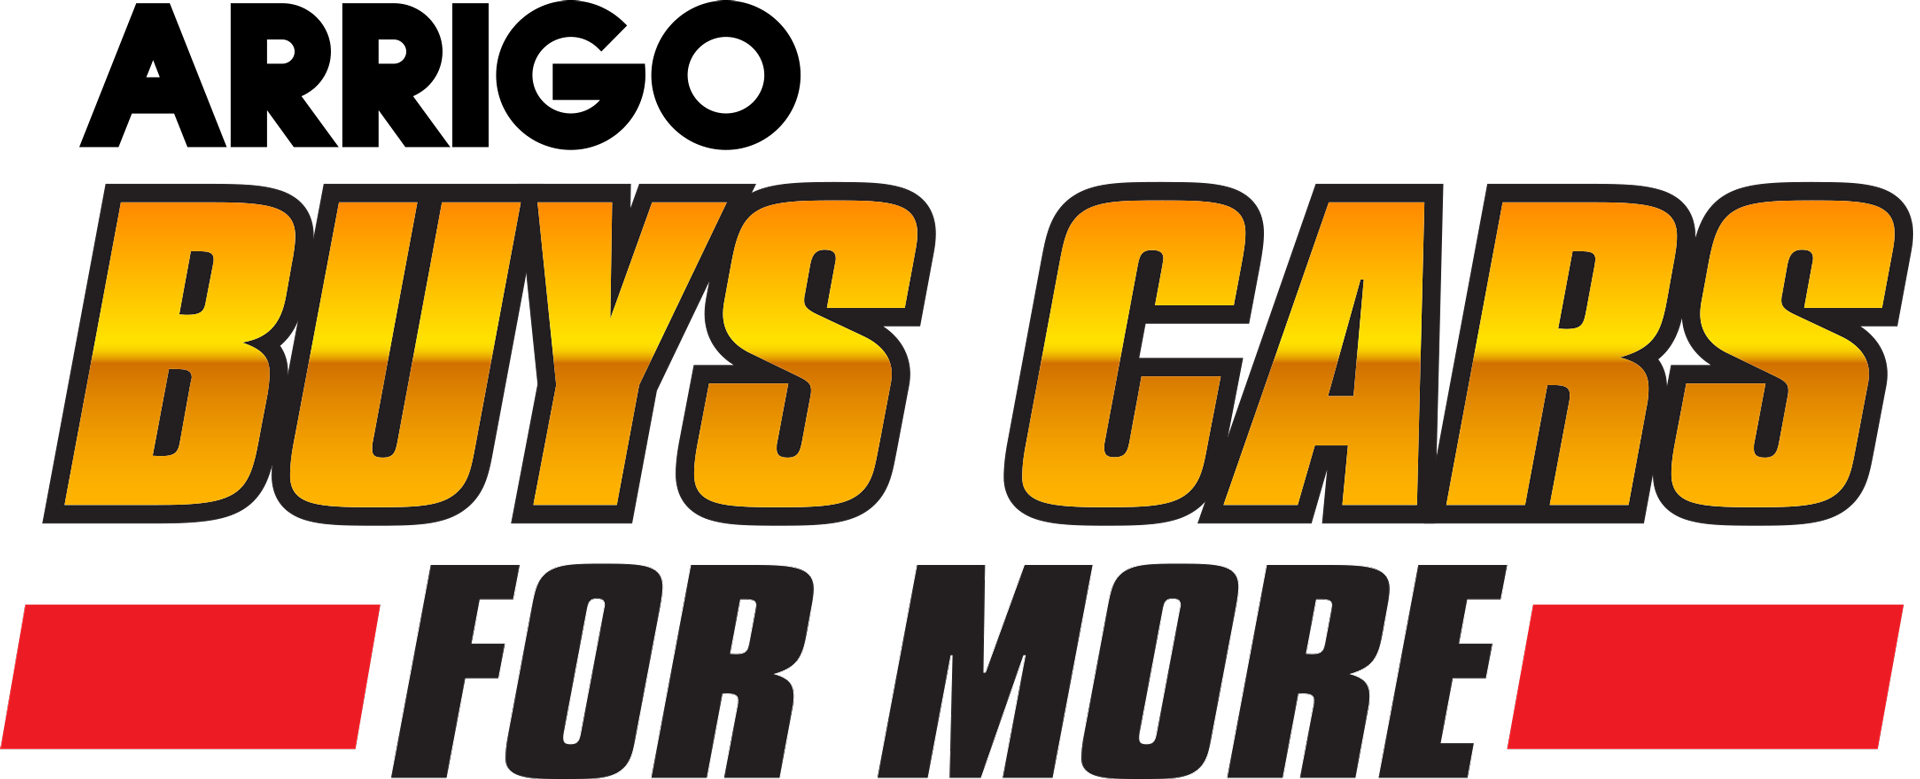 ARRIGO CDJR SAWGRASS BUYS CARS FOR MORE